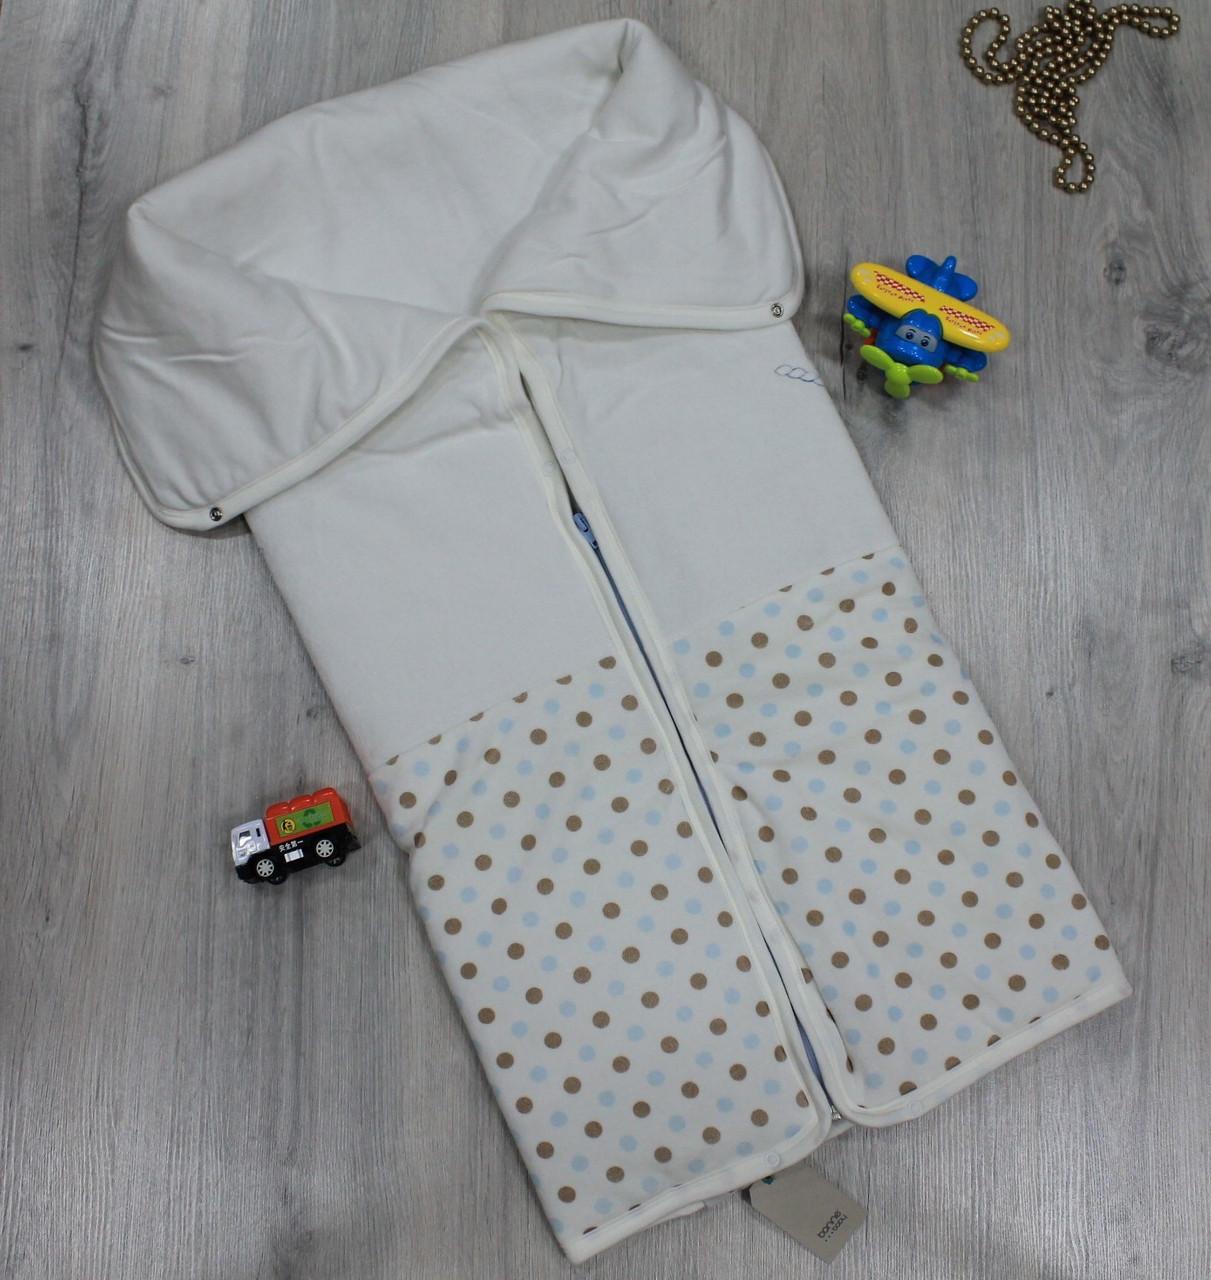 Детское одеяло трансформерконверт для новорожденногоматериал велюрсинтипонсезон осень- весна - Style-Baby детский магазин в Киеве